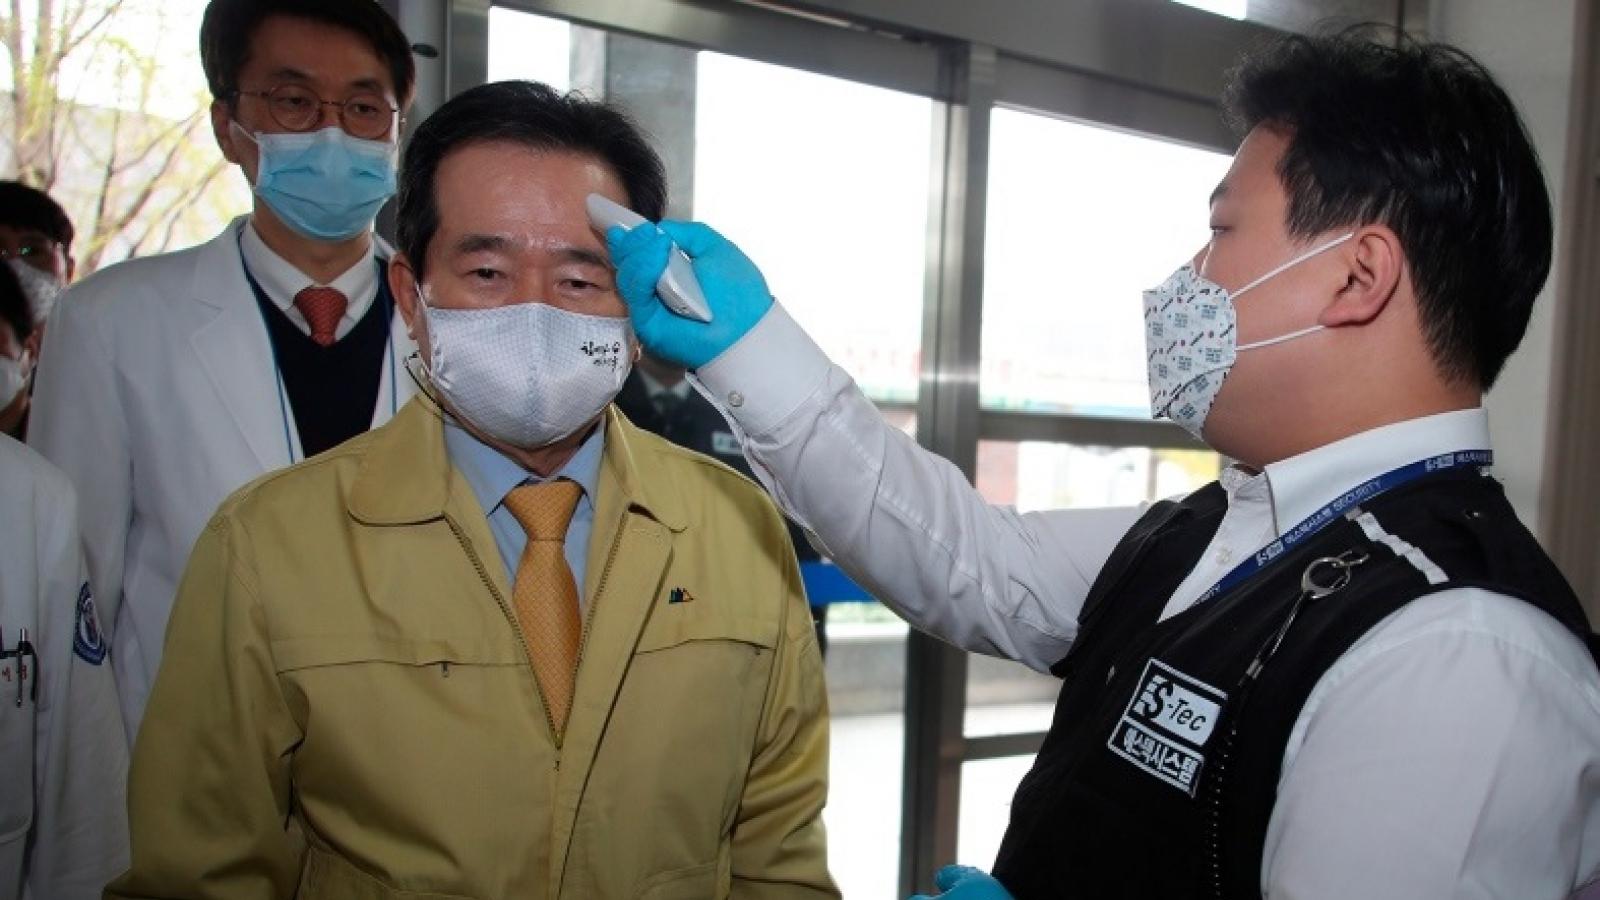 Covid-19: Nhật Bản chưa tuyên bố tình trạng khẩn cấp, Hàn Quốc kêu gọi không tụ tập